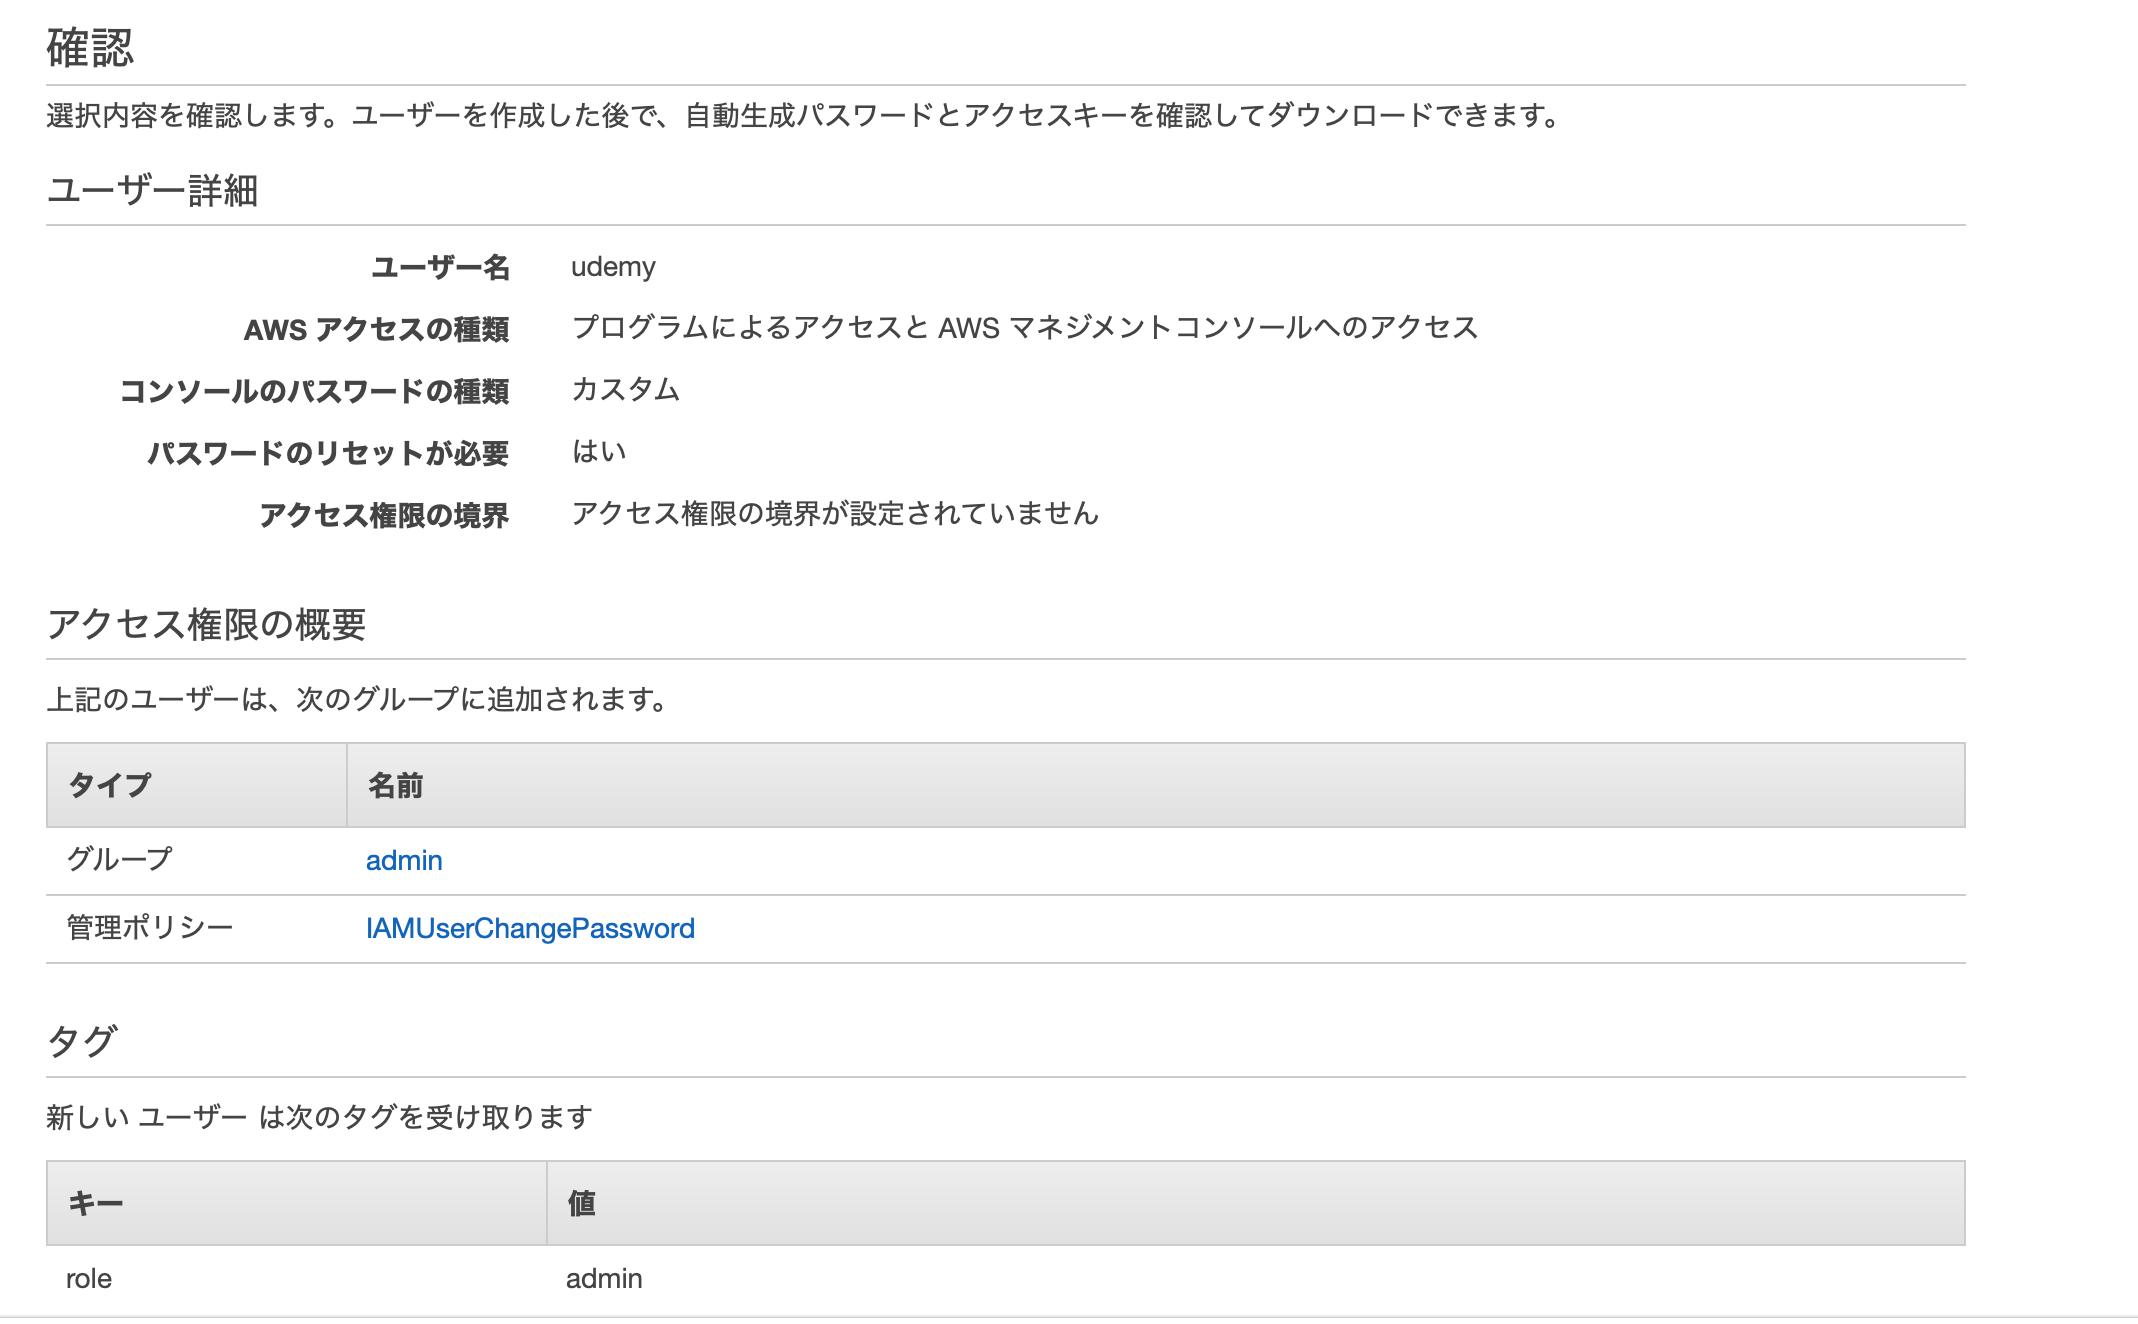 スクリーンショット 2020-01-17 10.43.46.png